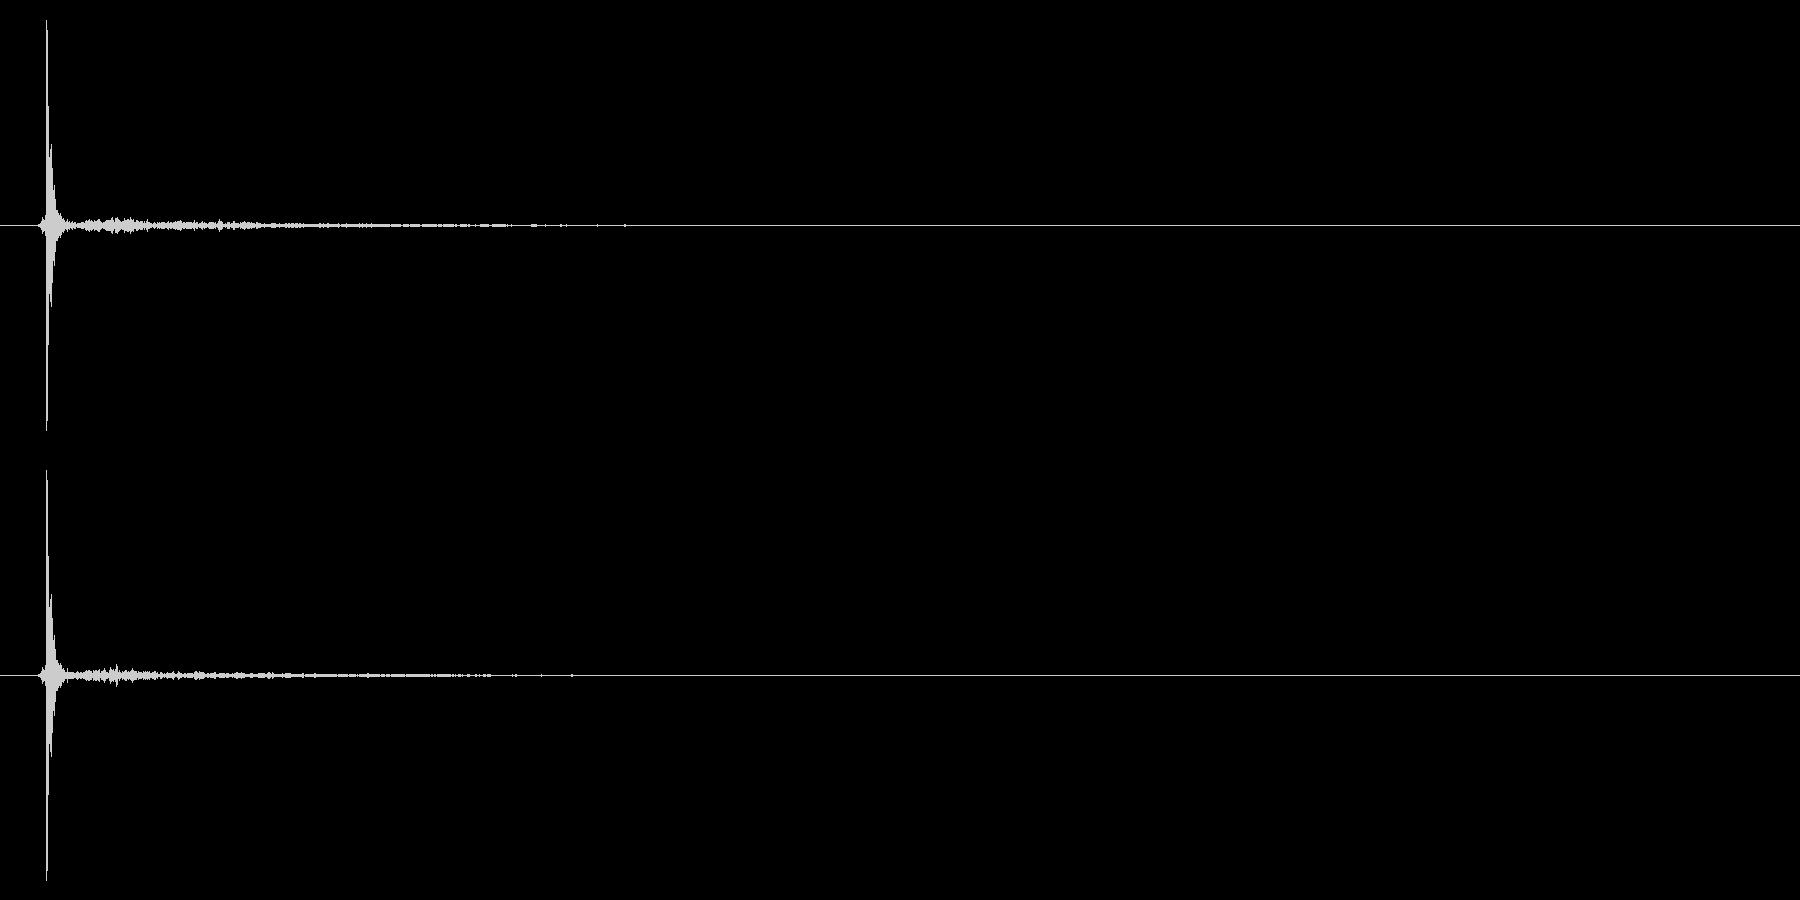 【フィンガースナップ01-6】の未再生の波形